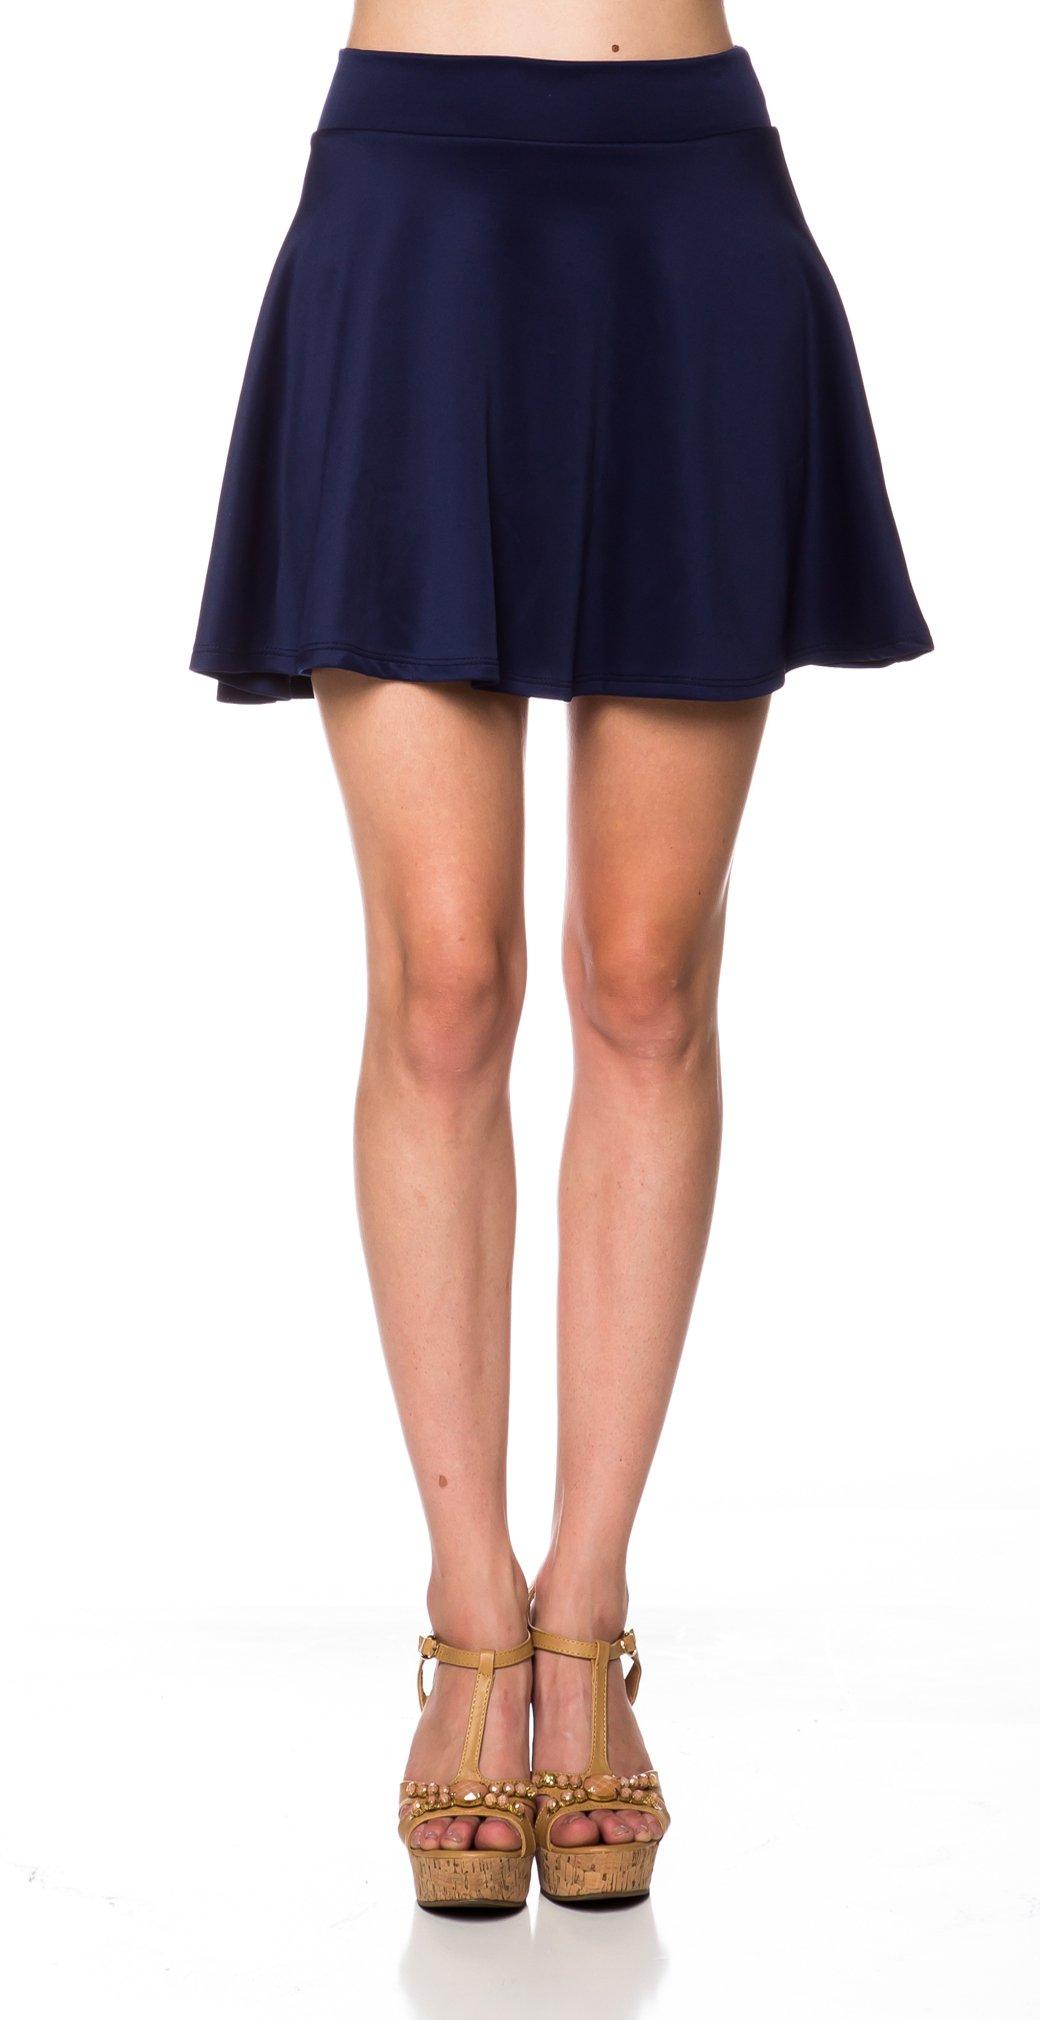 A.S Lovely Drape High Waist Flare Skater Mini Skirt (Medium, Navy)